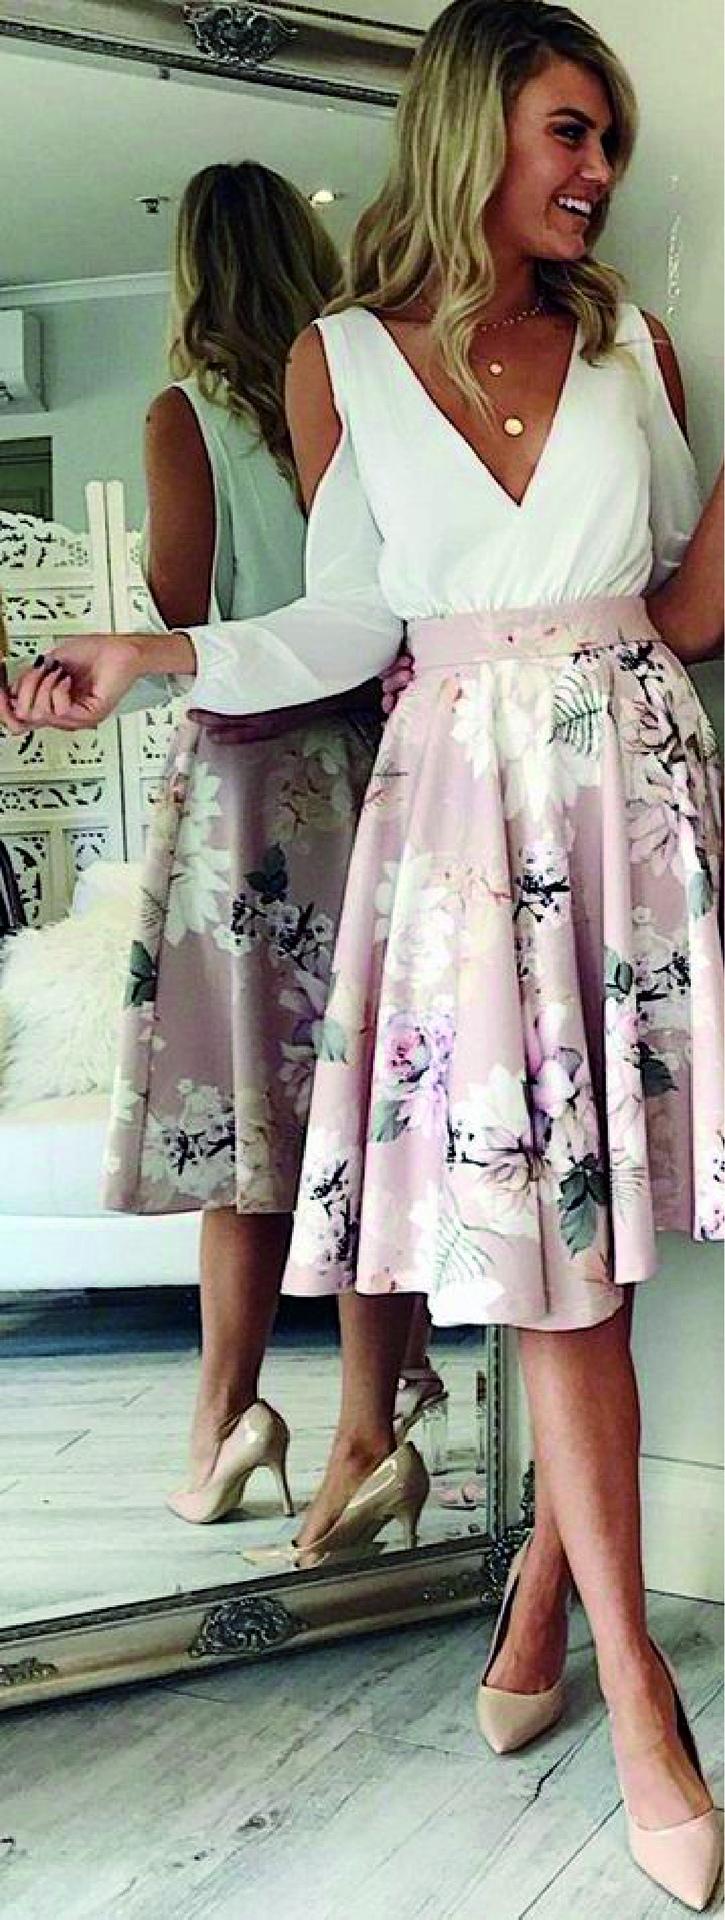 Хлопковое платье пастельных тонов с пышной юбкой и фигурными вырезками на рукавах